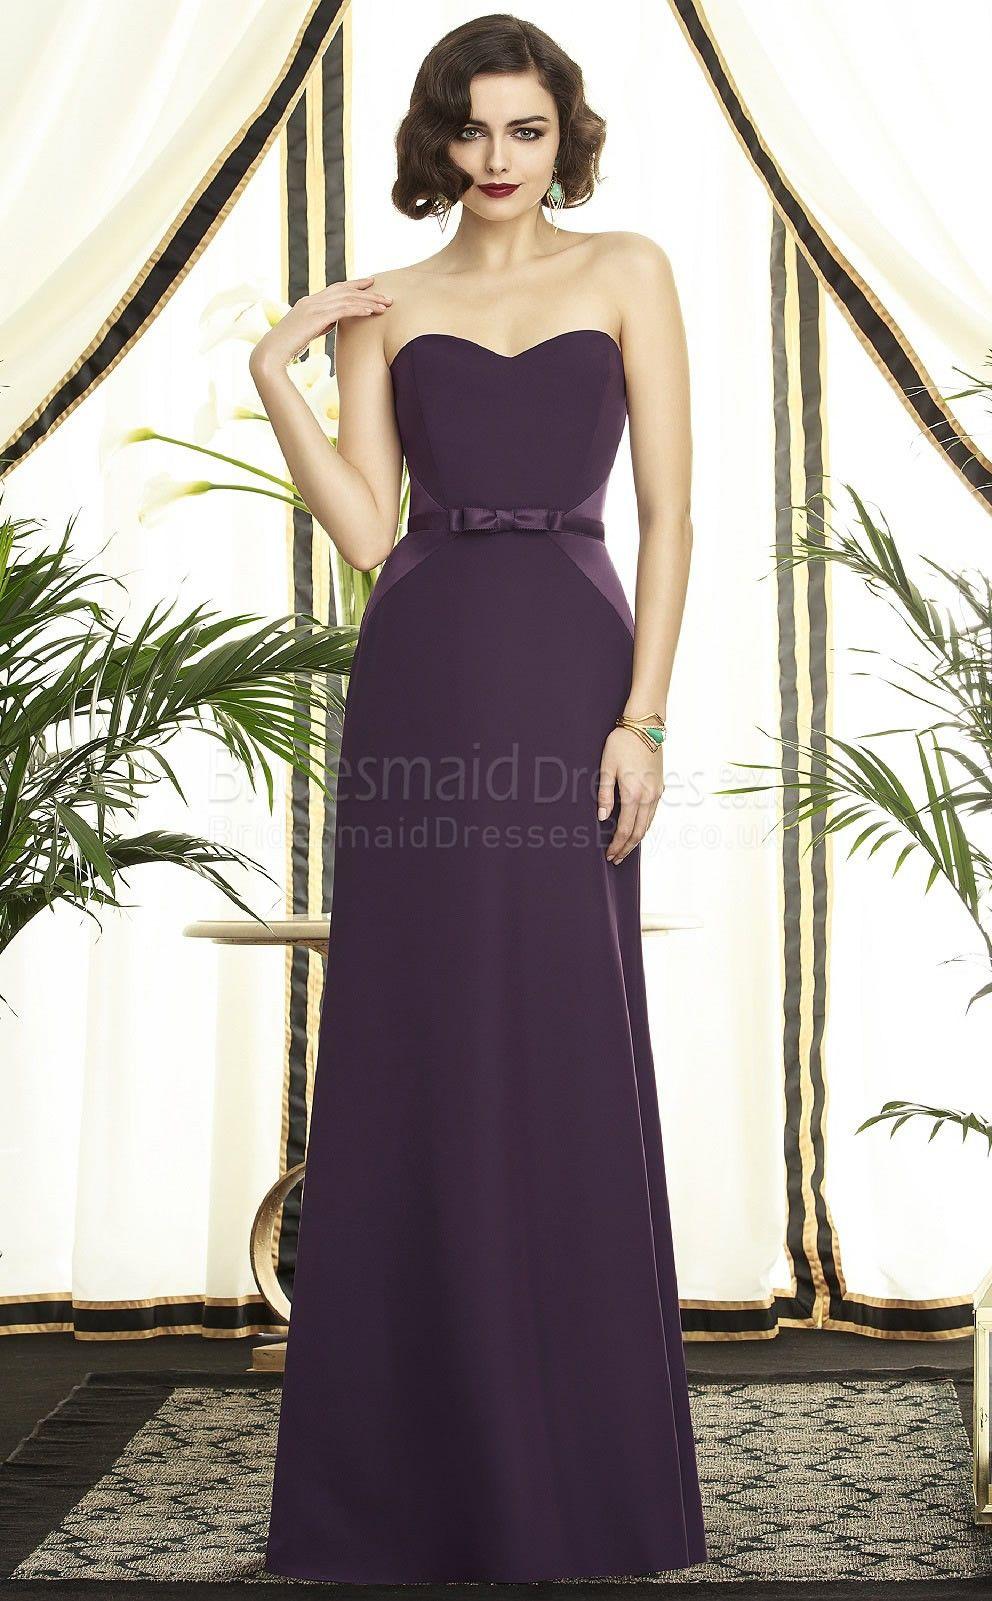 Purple bridesmaid dresseslong purple bridesmaid dresses my ideas